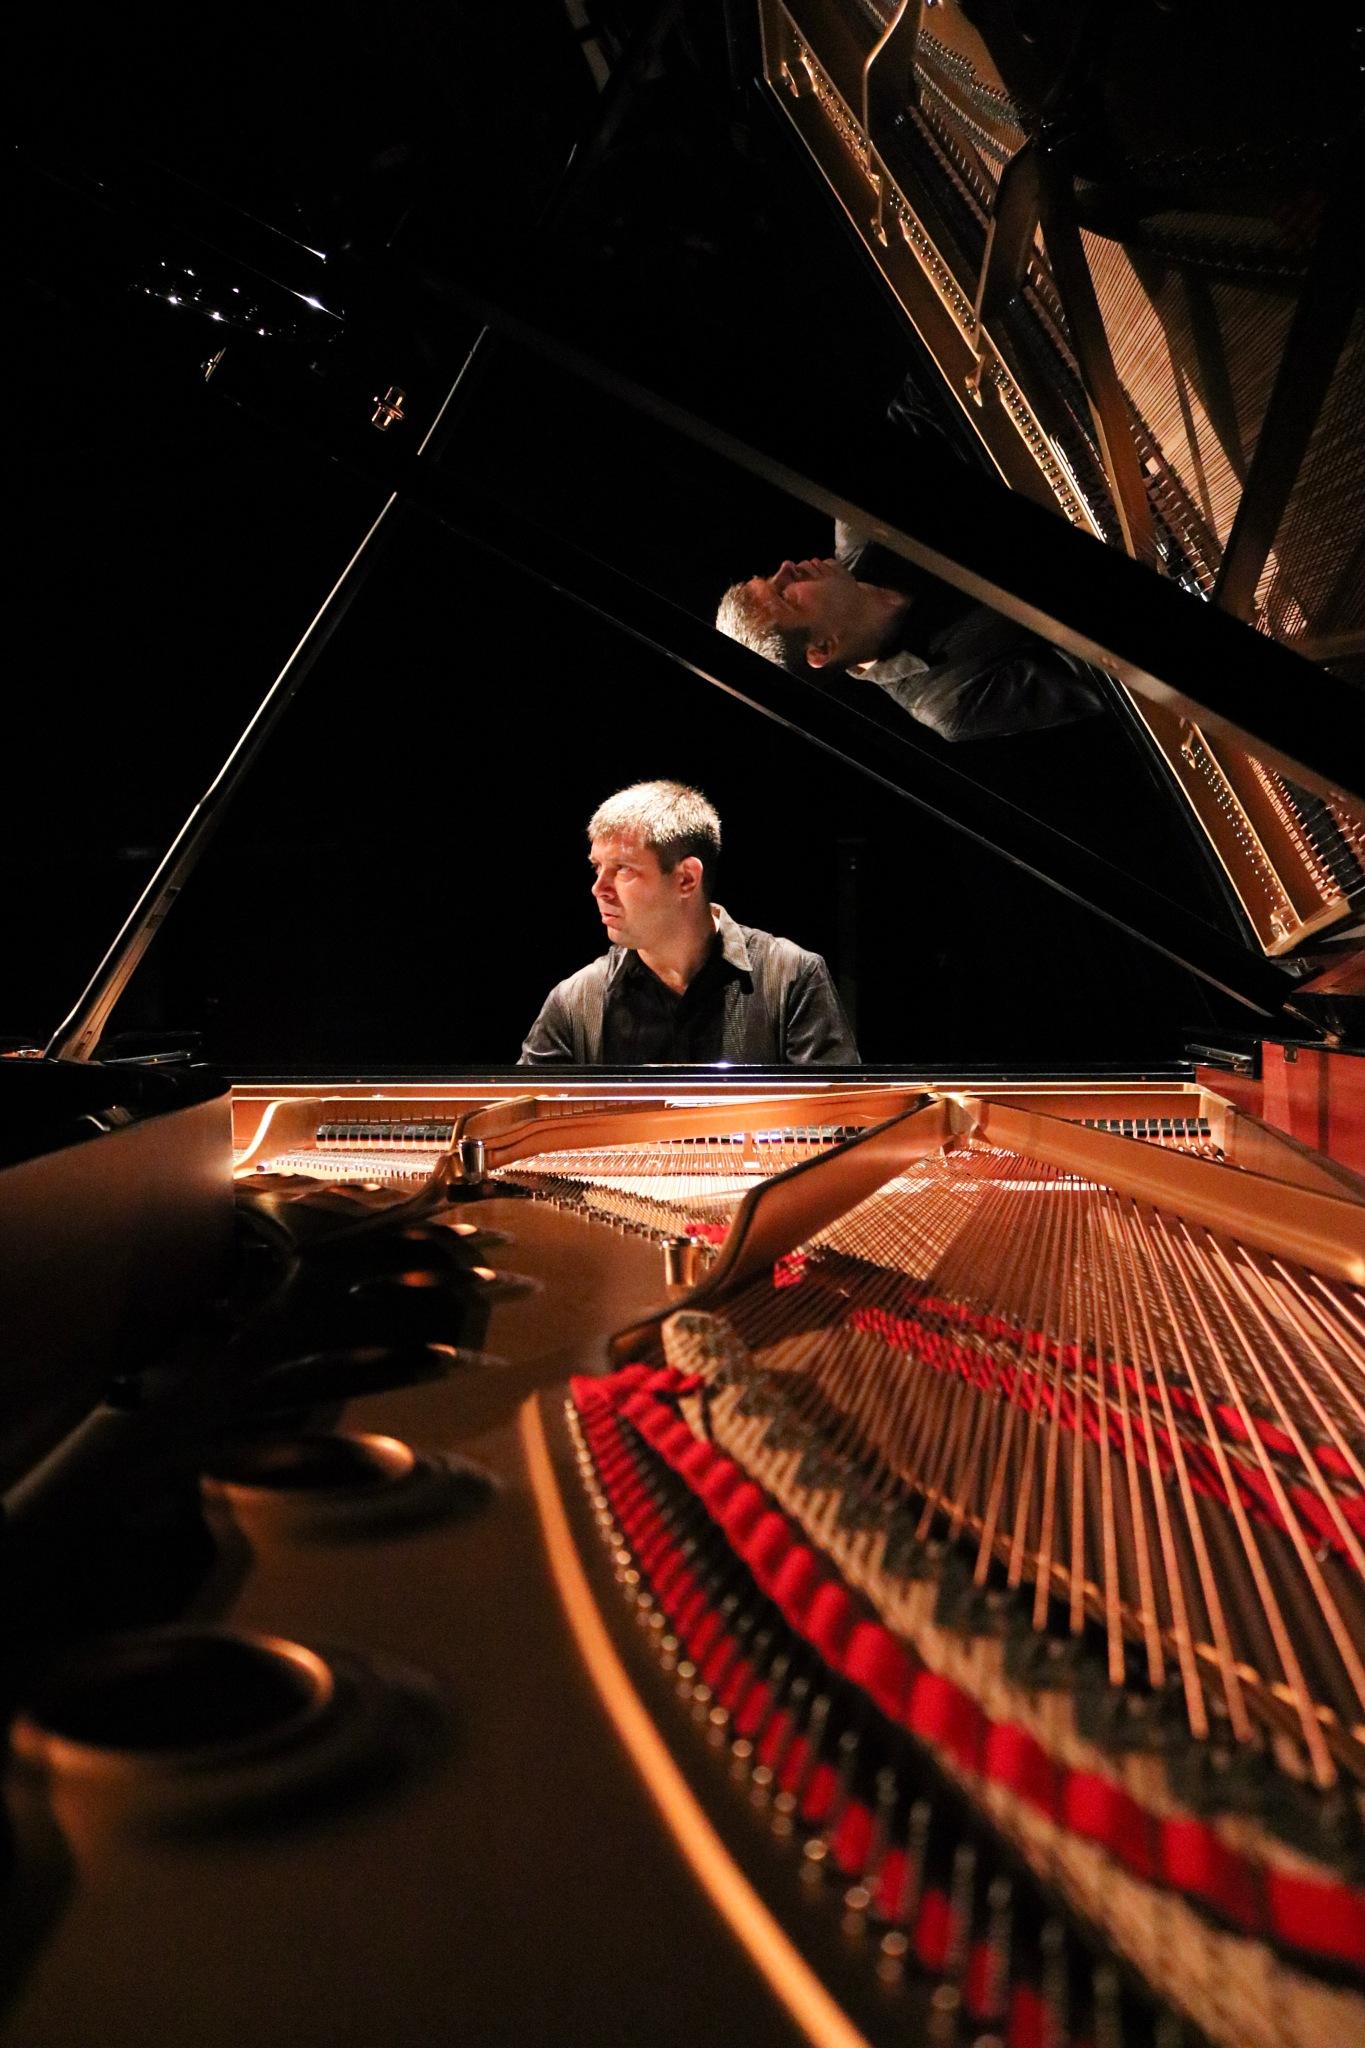 Pianist by Ivan Samoshko